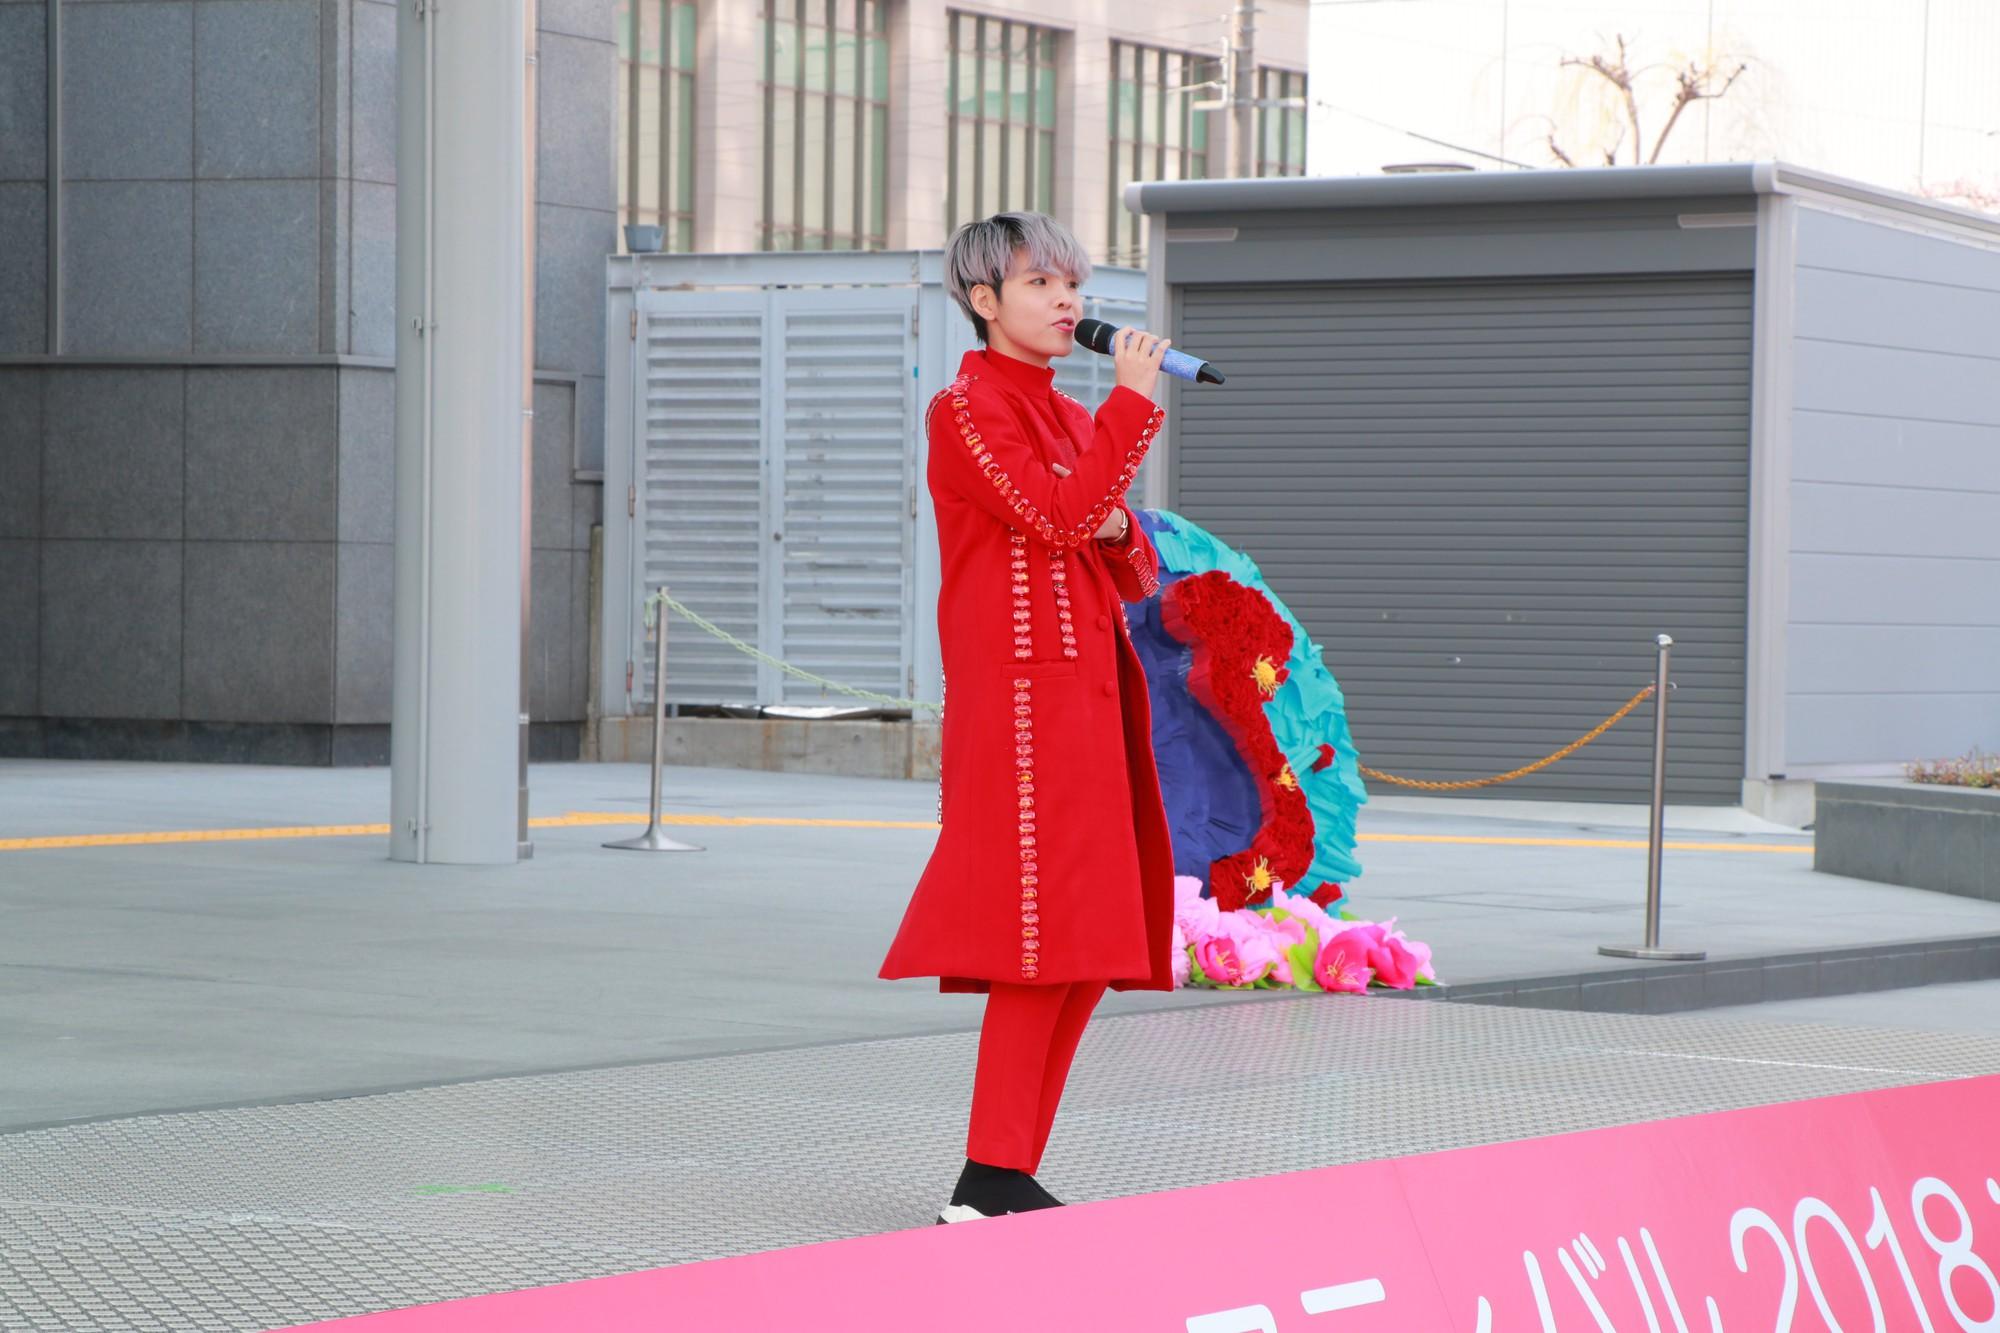 Vũ Cát Tường đến Nhật, quậy tưng bừng cùng du học sinh tại Lễ hội văn hóa Việt Nam 2018 - Ảnh 4.